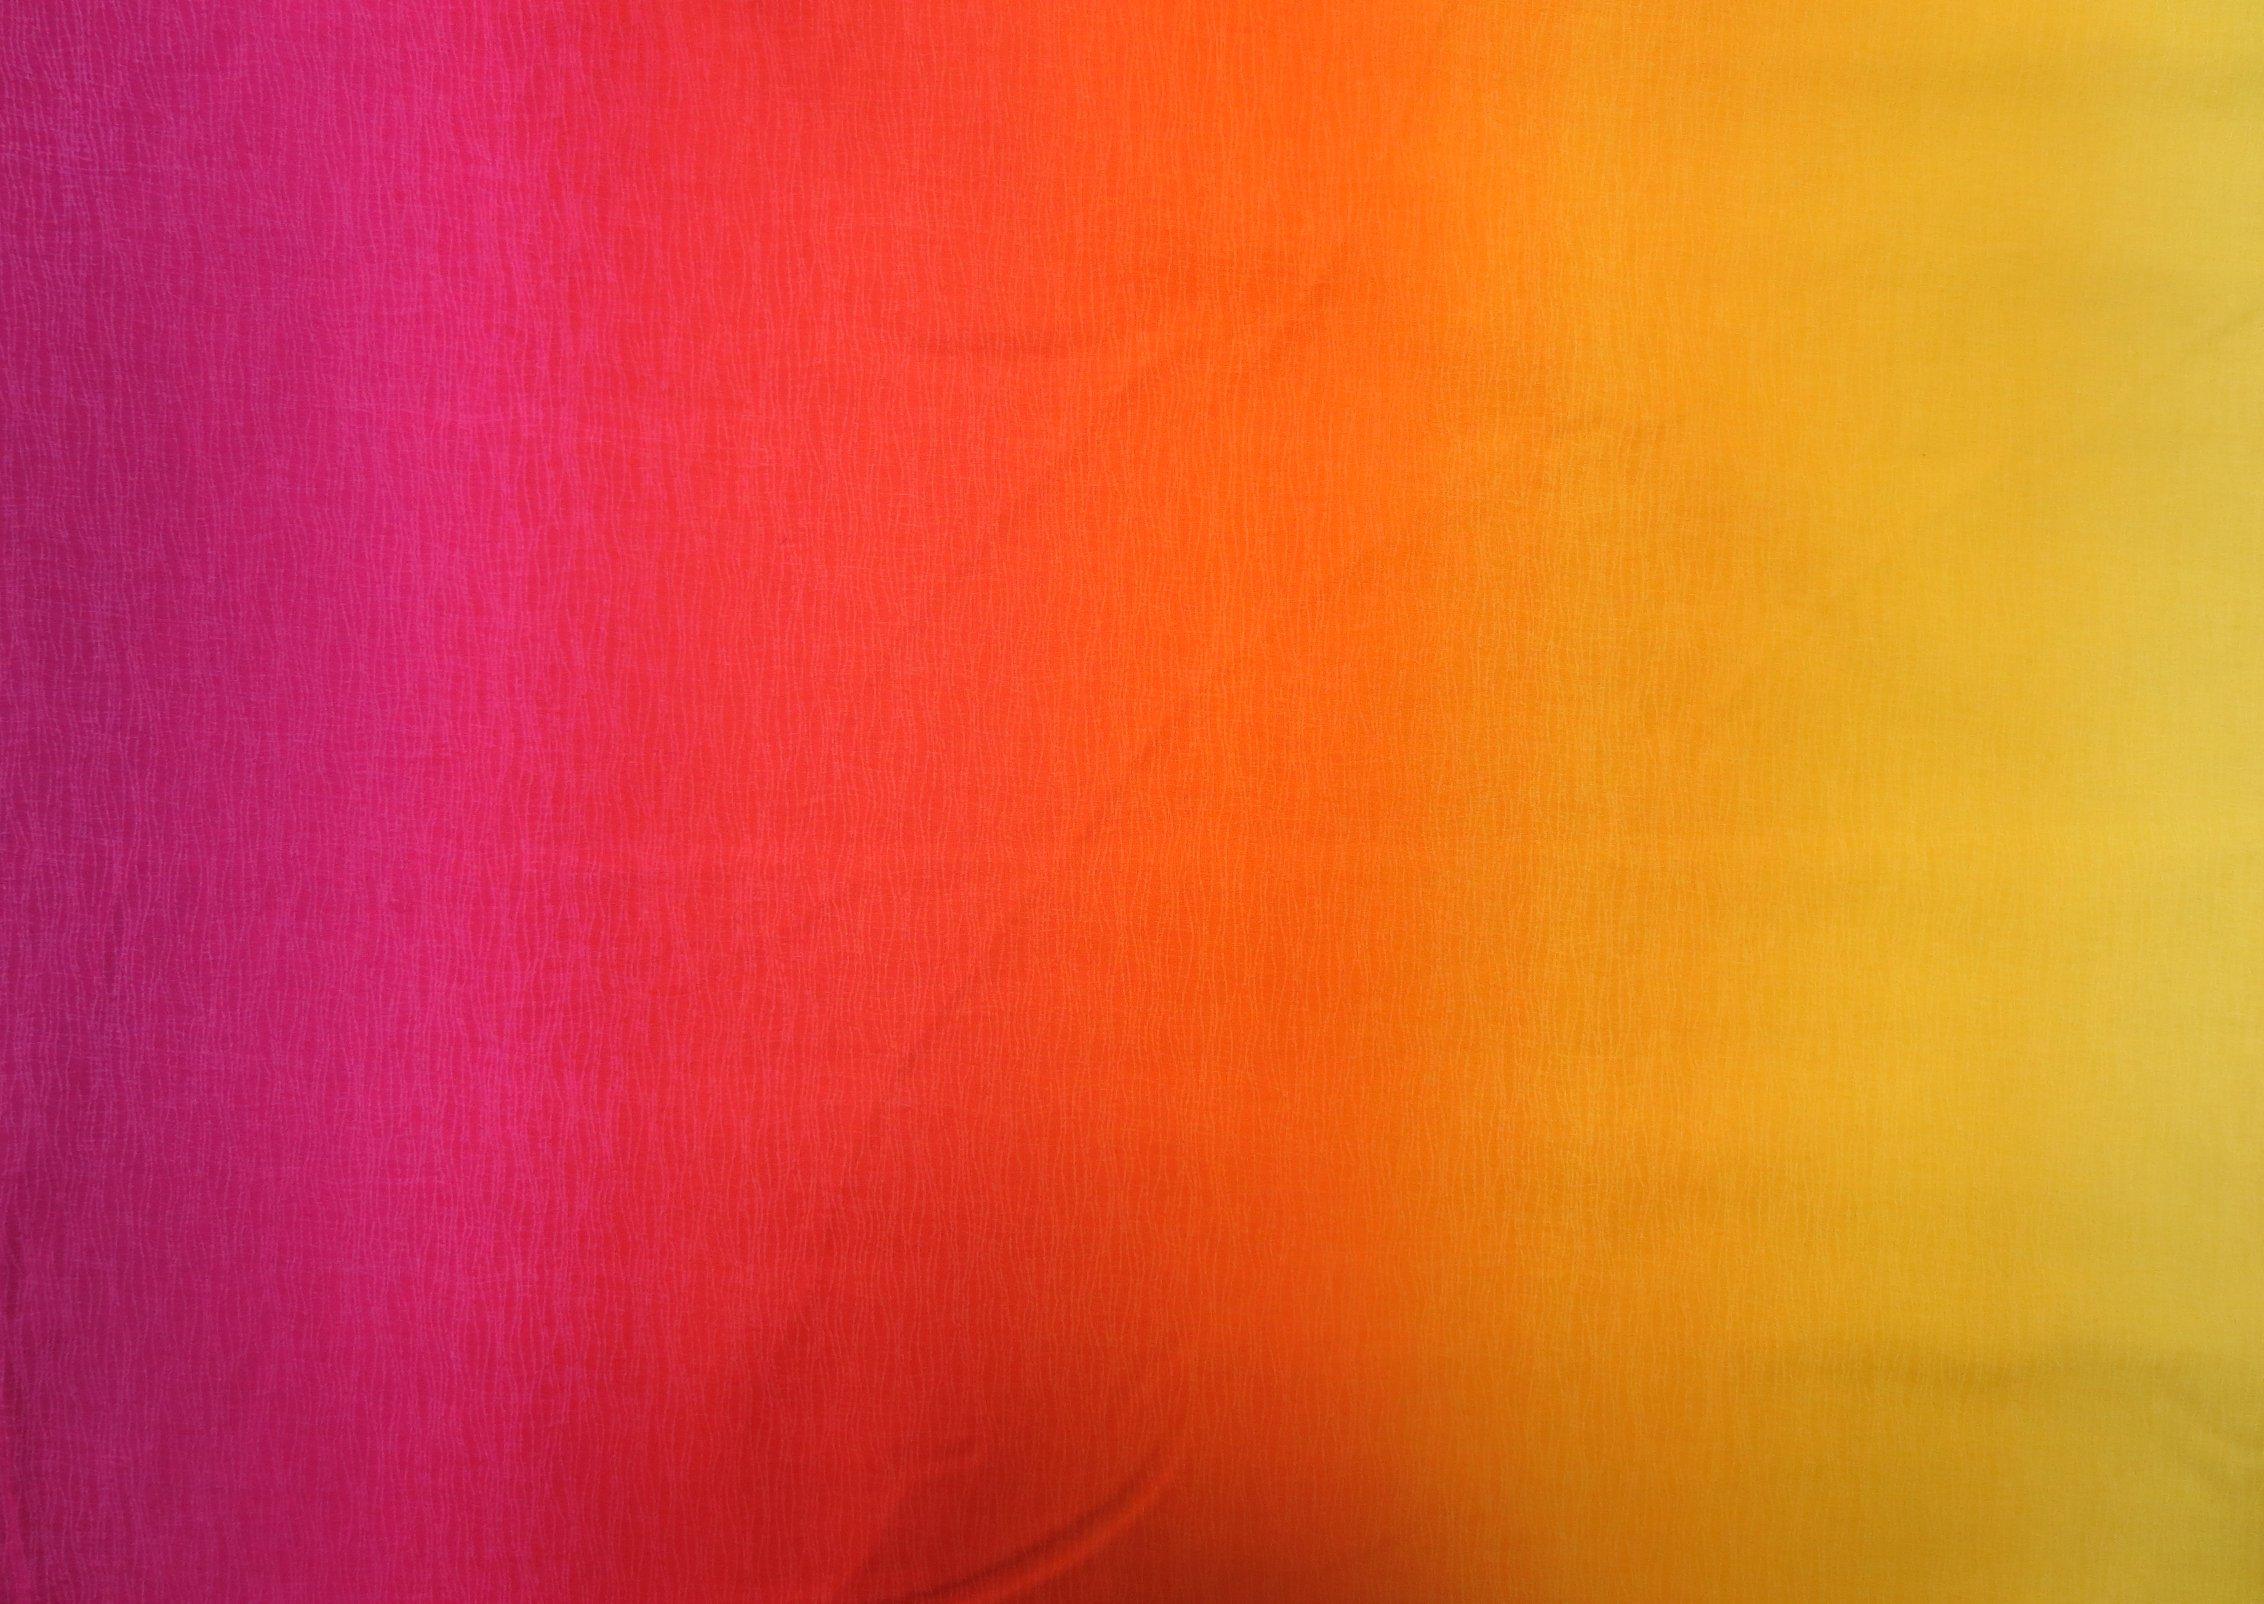 Gelato Farbverlauf gelb orange rot pink farbverläufe Uni Stoffe